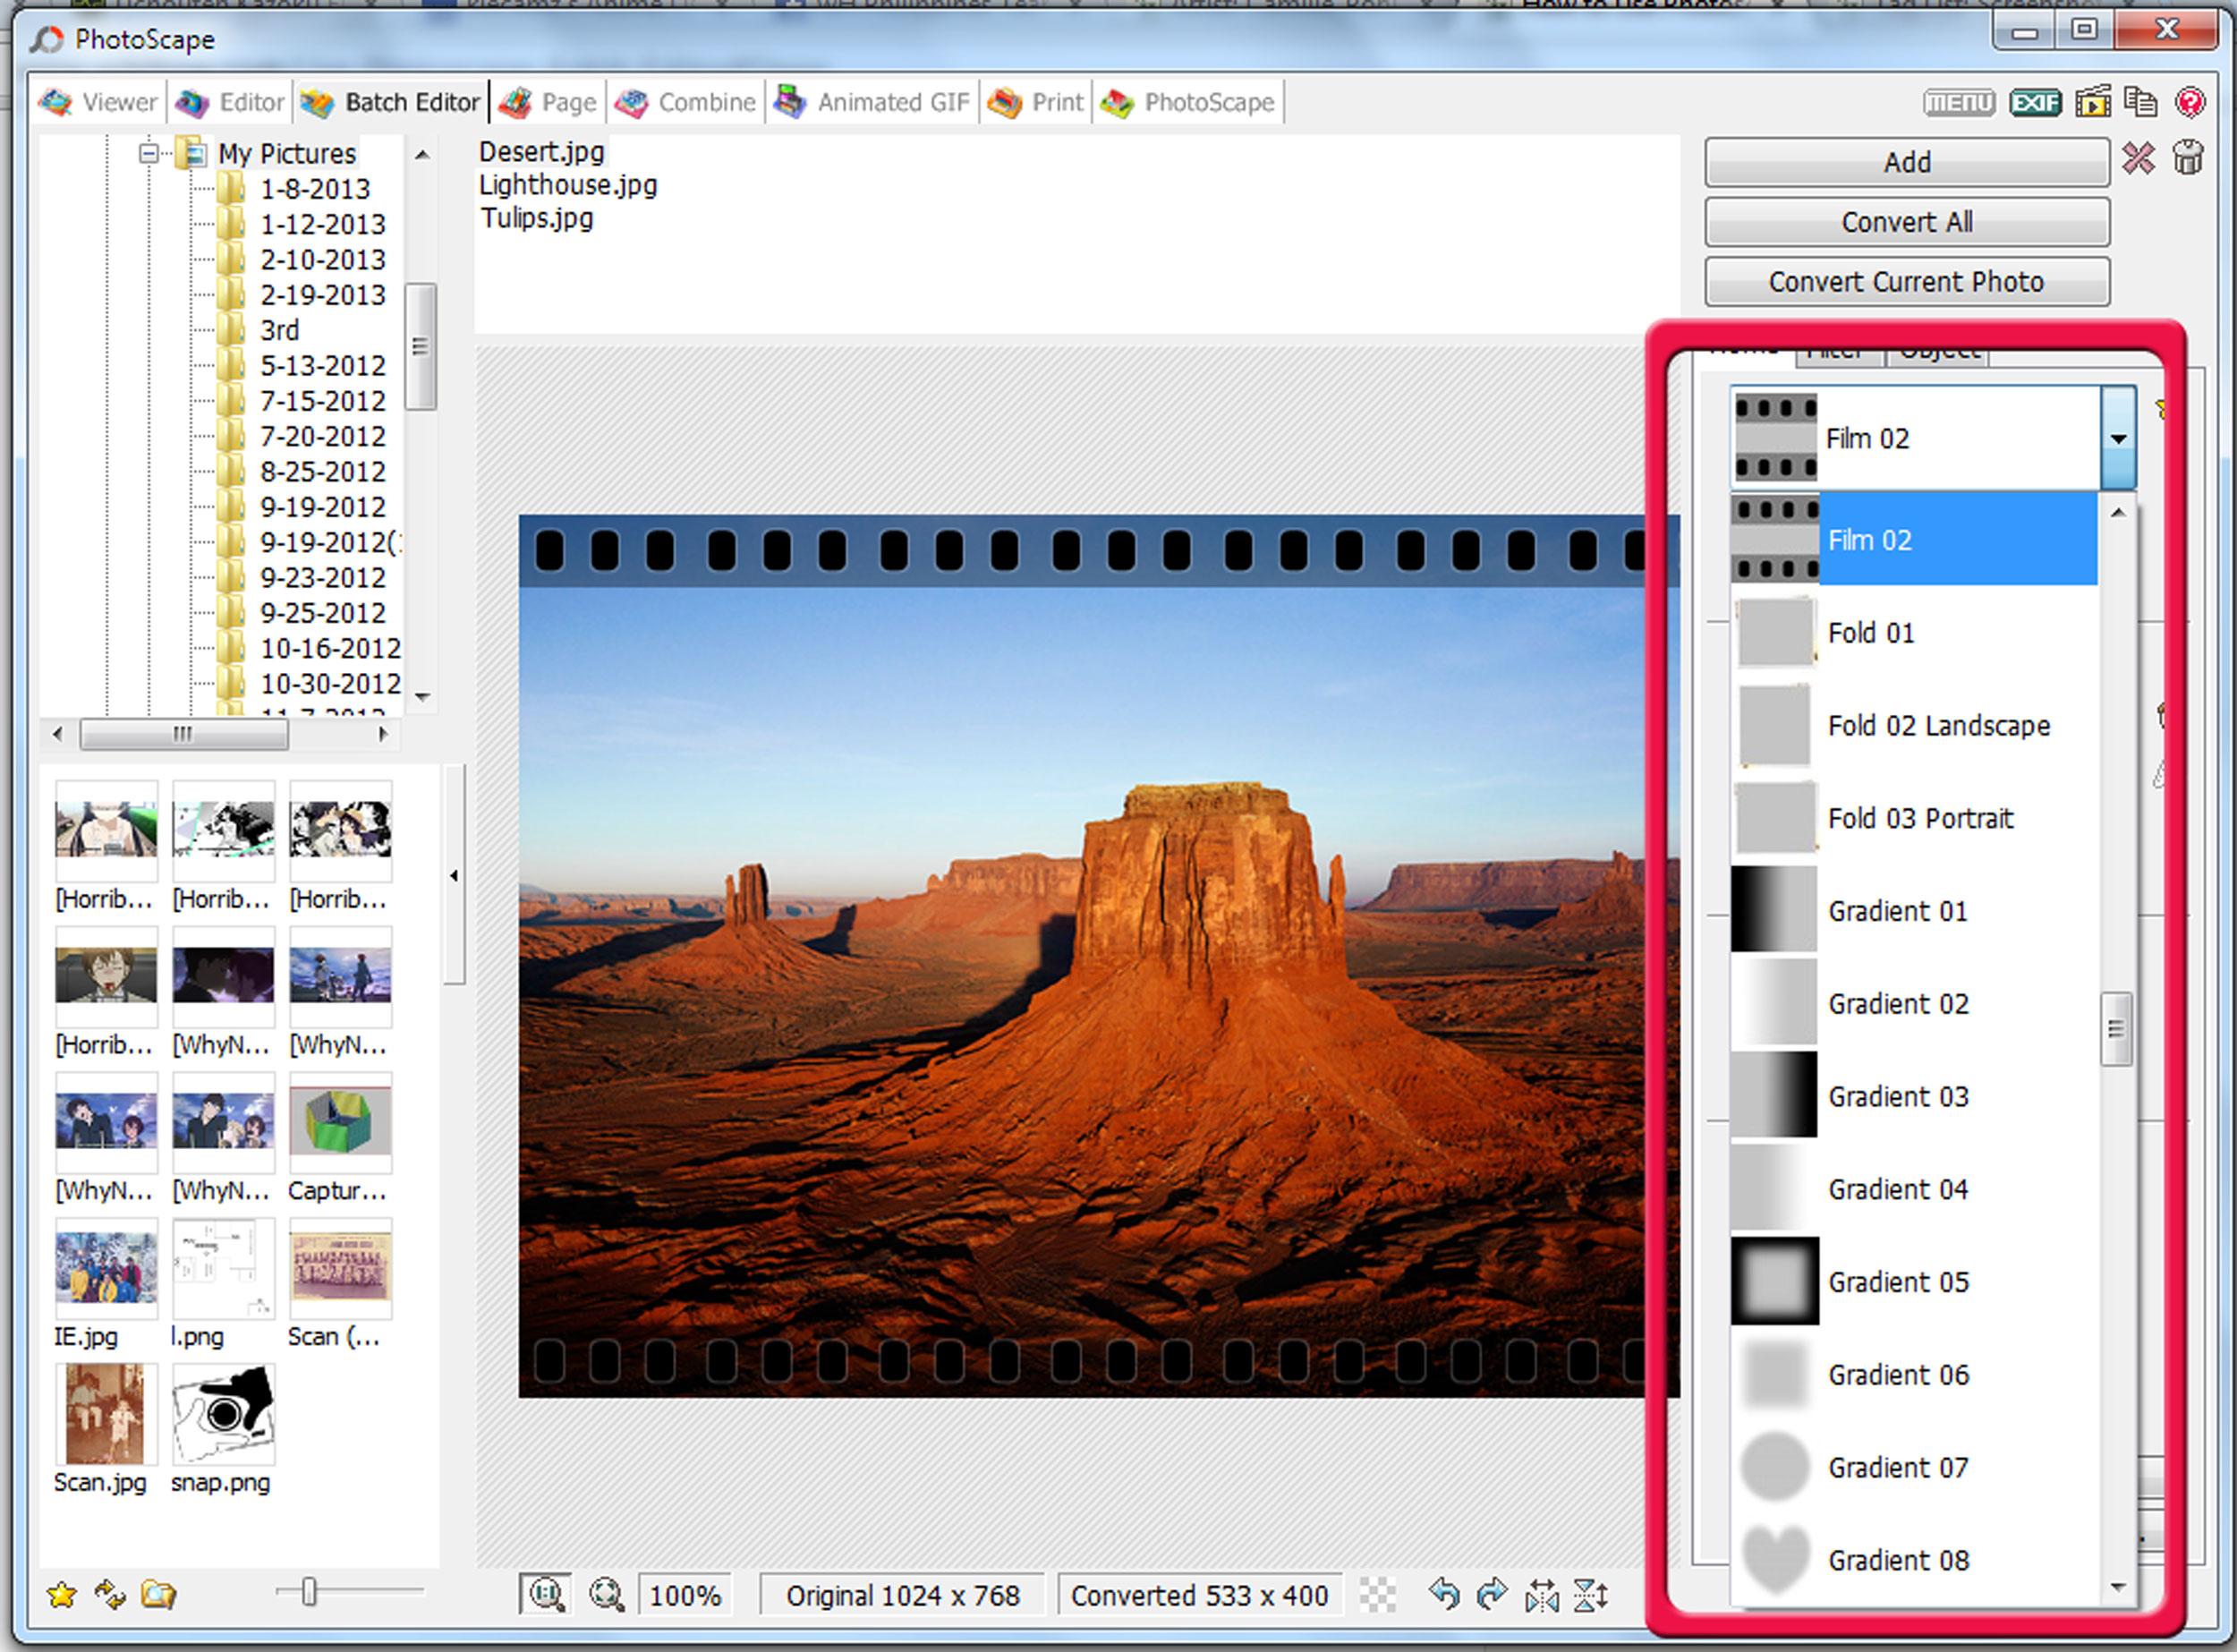 تحميل برنامج فوتو سكيب عربي كامل للكمبيوتر